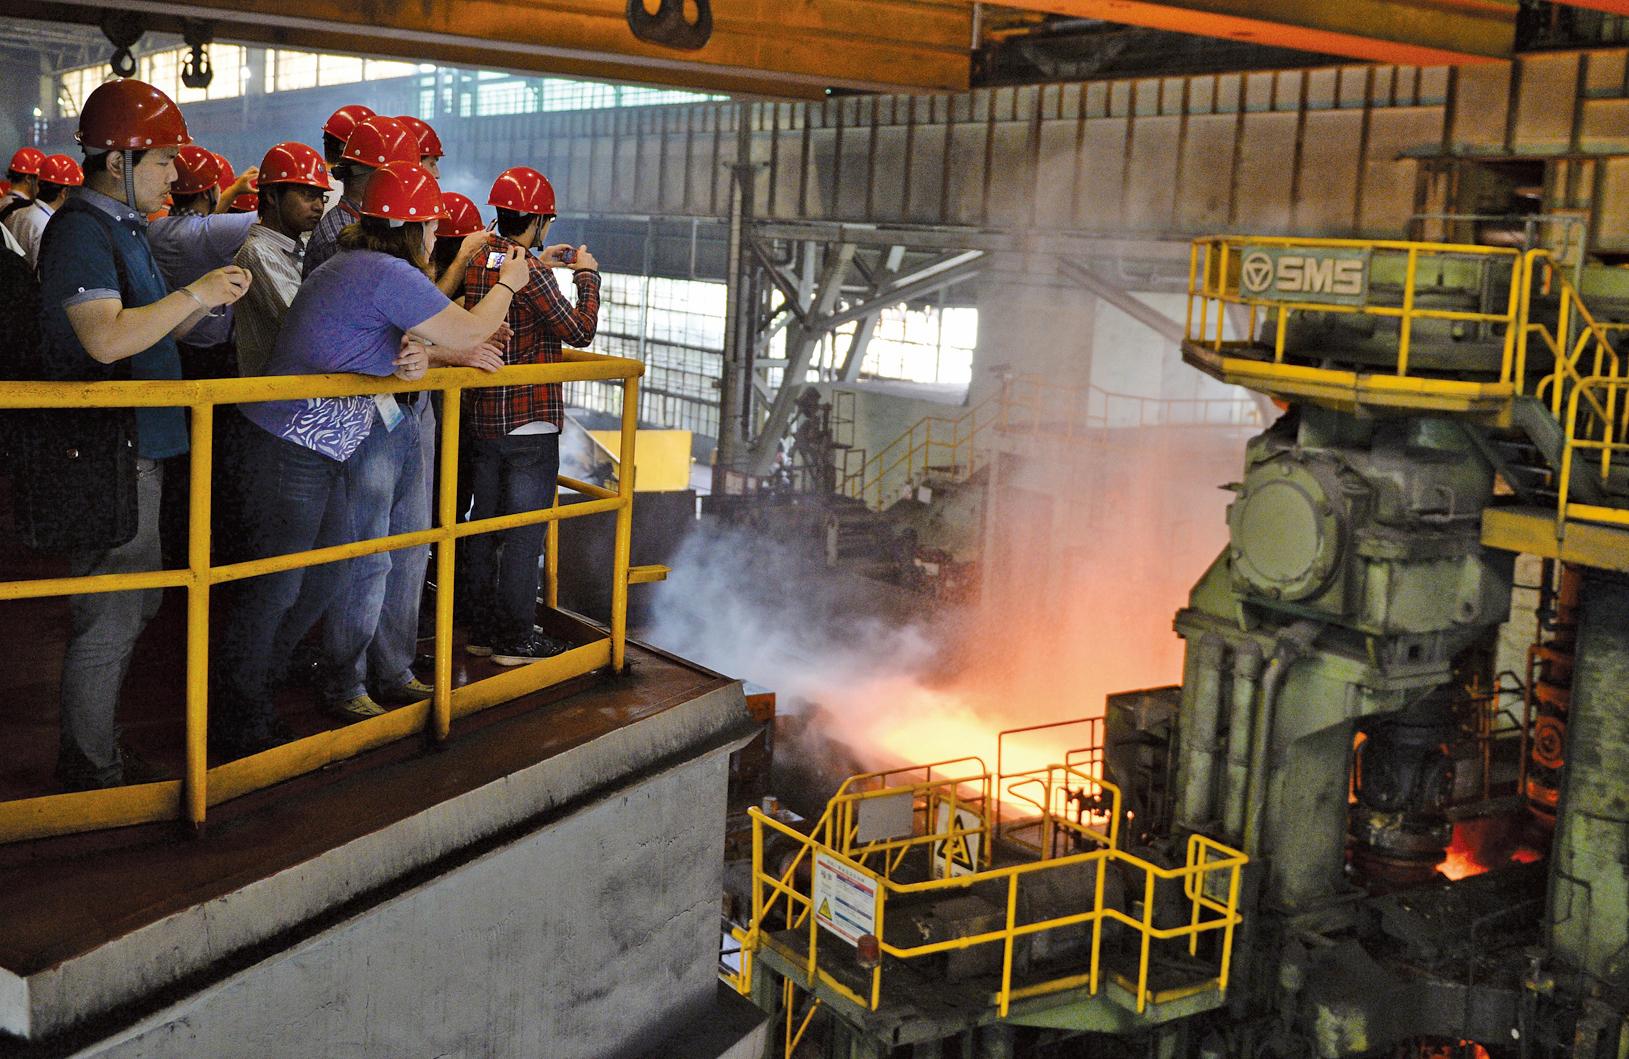 圖為2013年6月6日,在上海寶山鋼鐵廠出爐時一參觀團拍照熱軋工藝時的情景。(Getty Images)